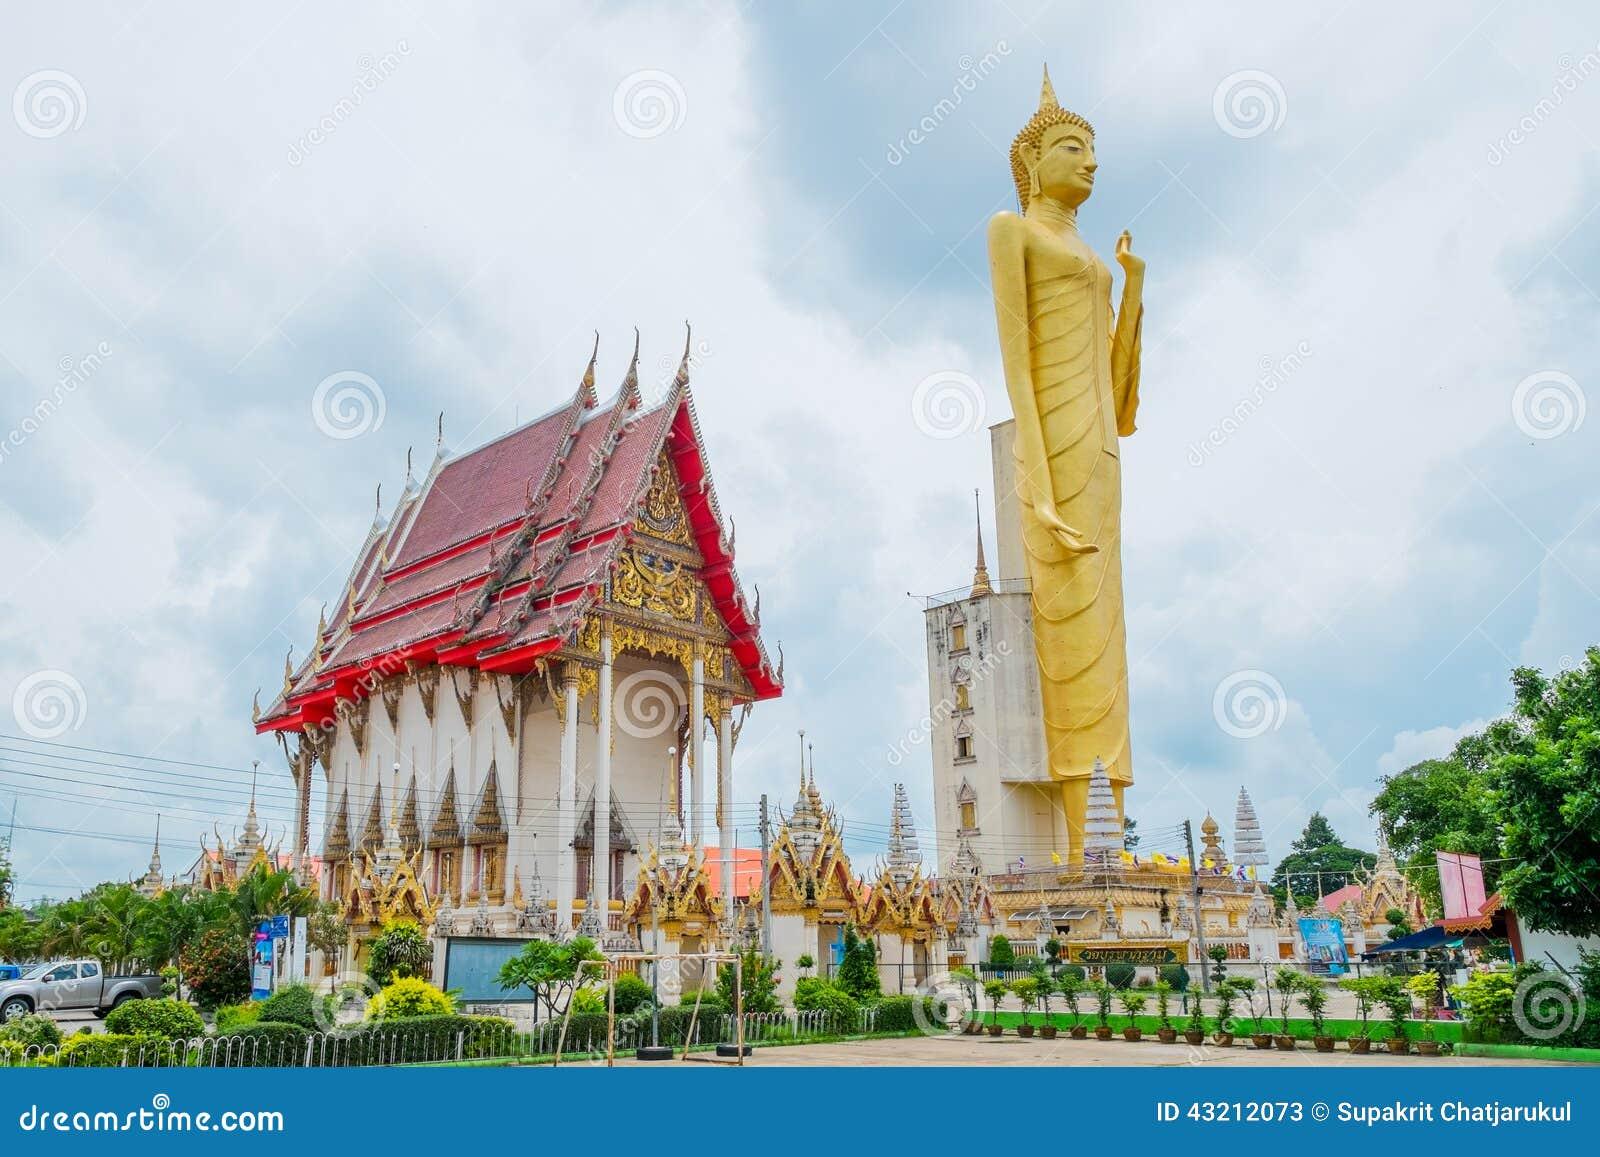 Der riesige goldene Buddha, Buddhismus, Thailand